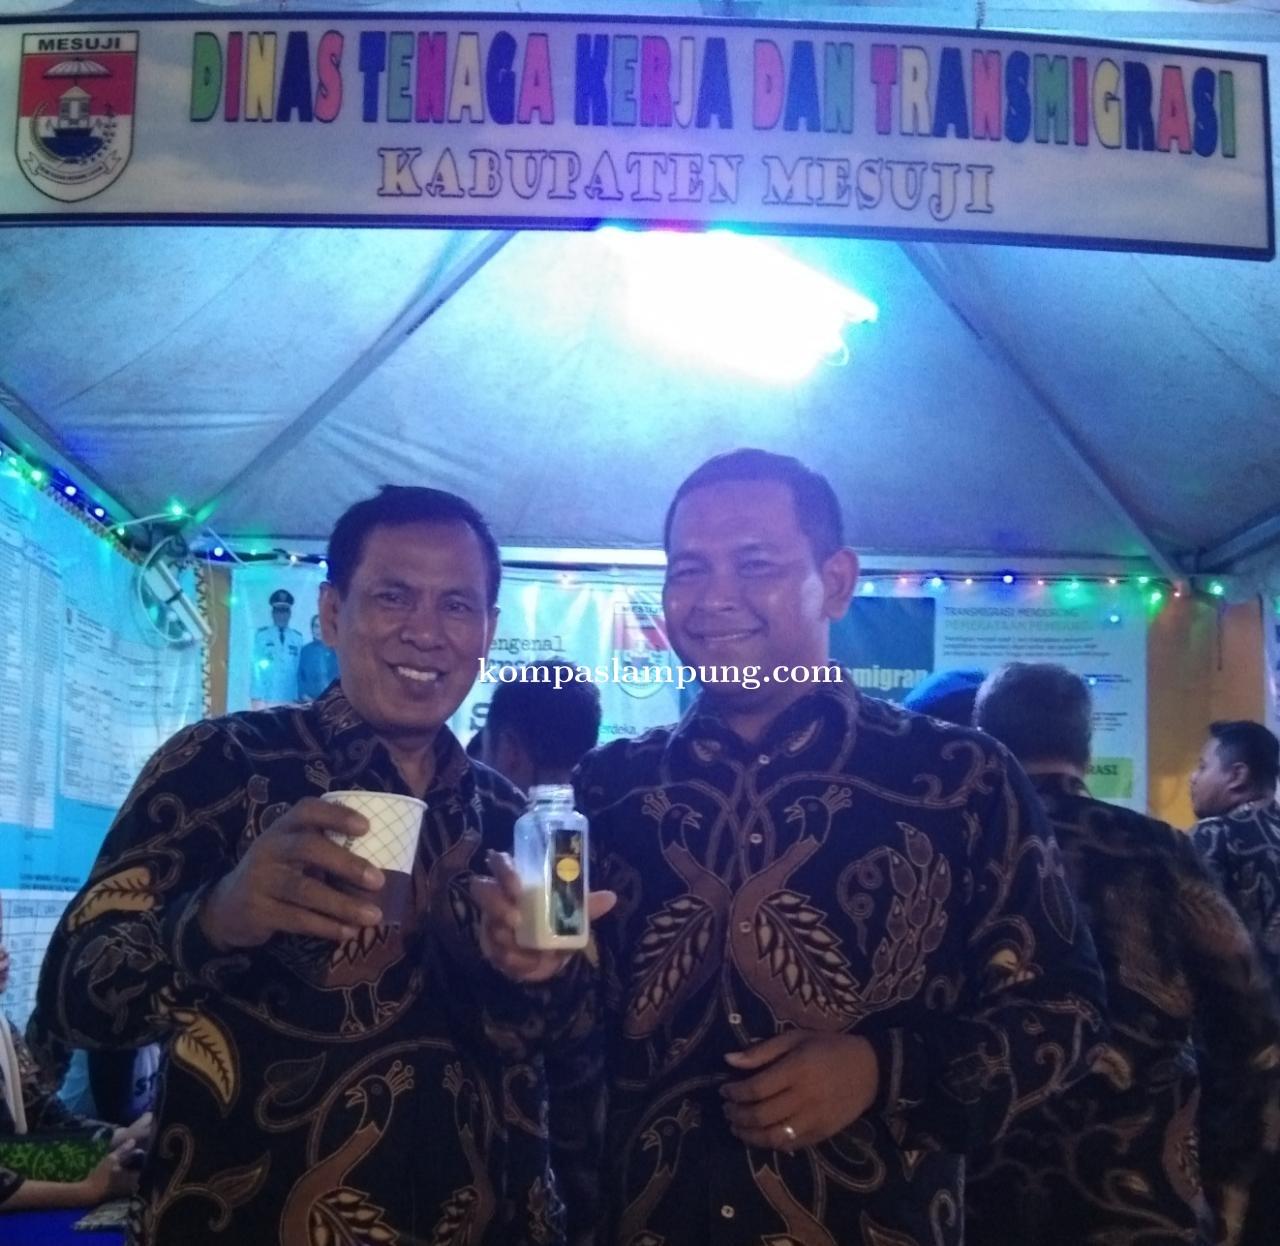 Provinsi Lampung Telah Menetapkan Upah Minimum Kabupaten Mesuji Tahun 2020 Sebesar Rp 2.588.911.87.